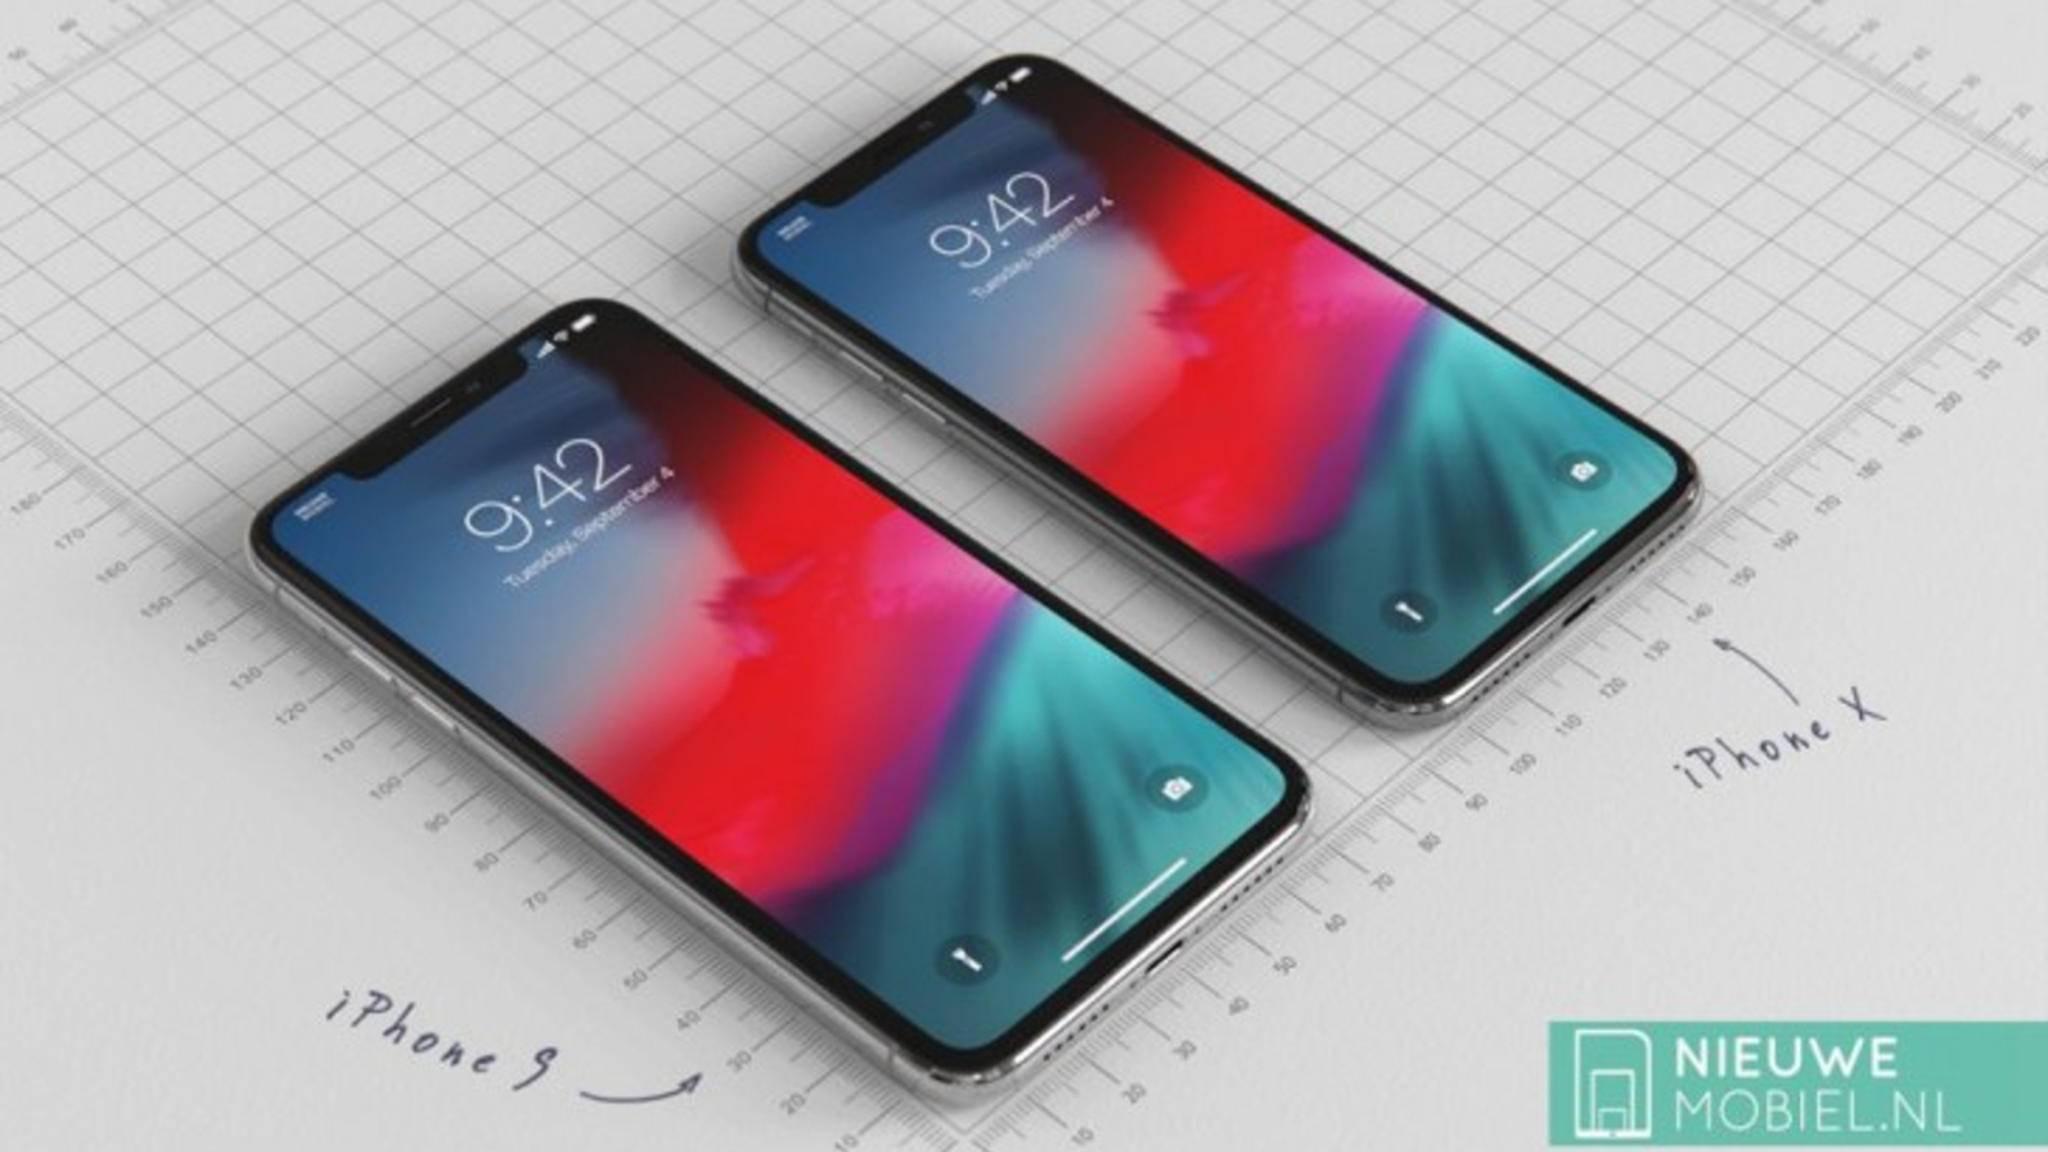 Konzept: Das iPhone 9 (links) neben dem aktuellen iPhone X (rechts).